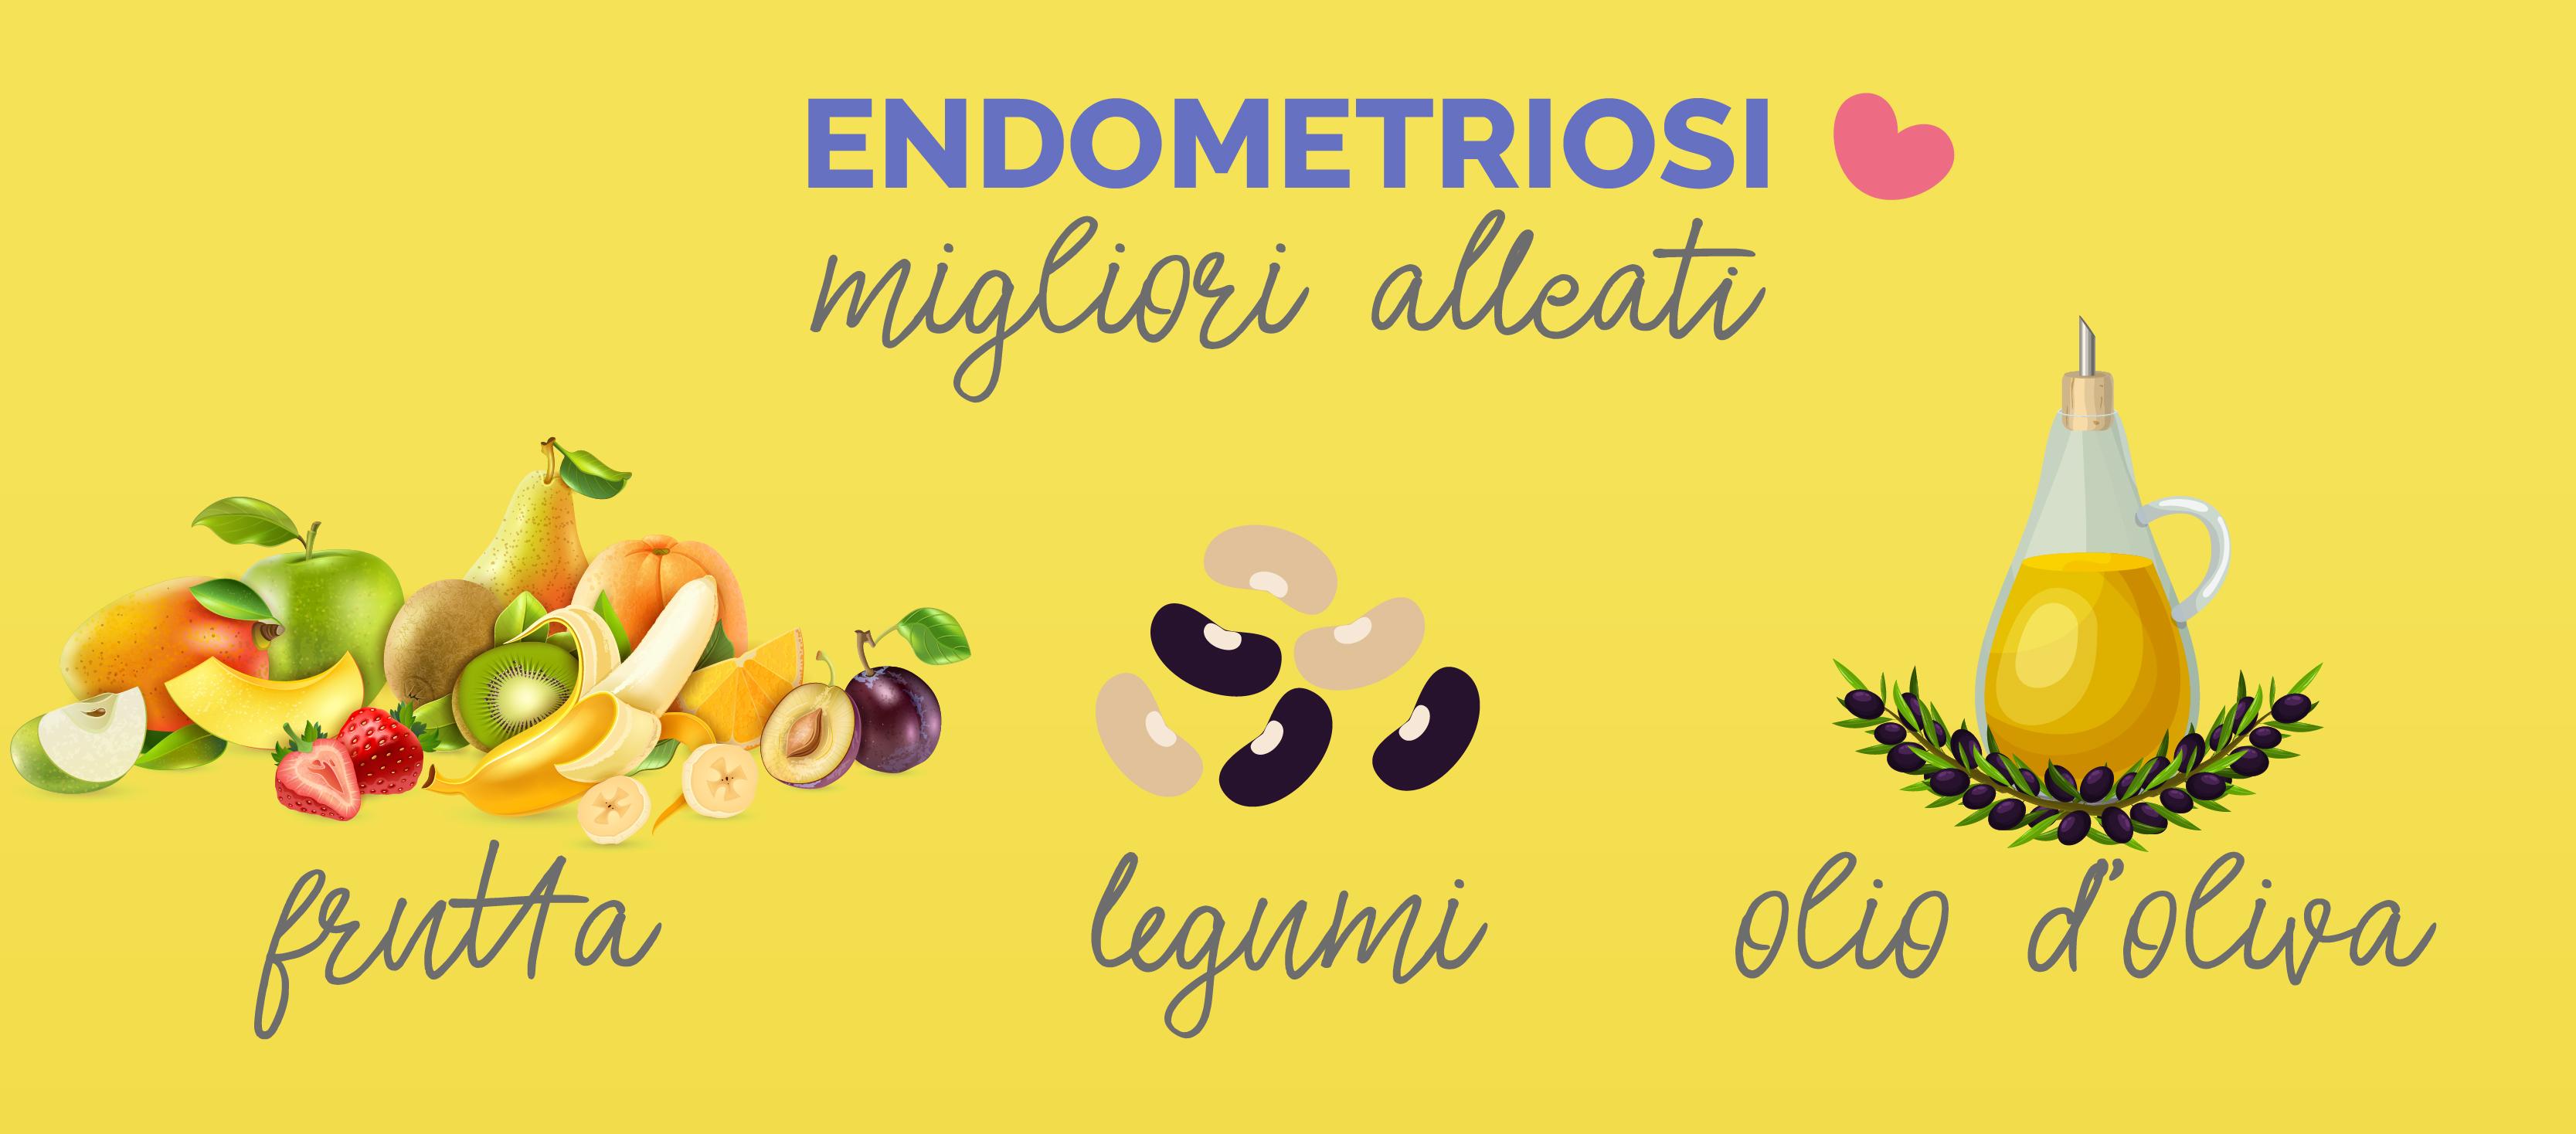 Come gestire l'endometriosi con il cibo